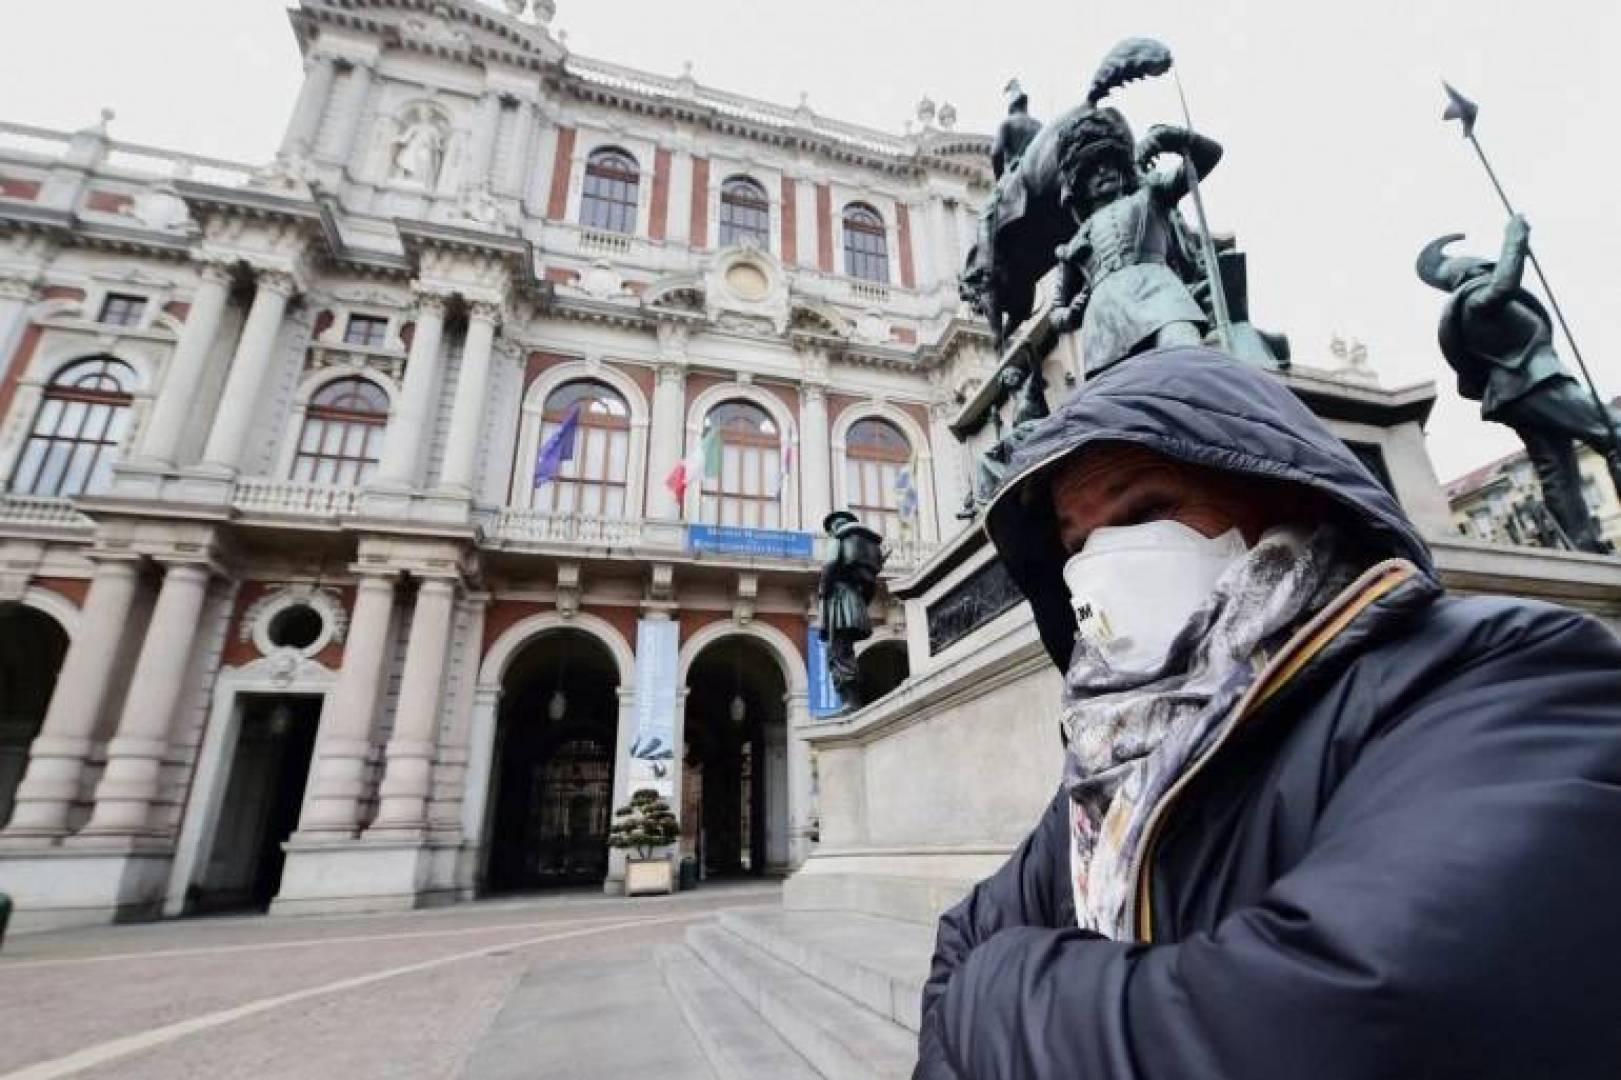 إيطاليا تدرس فرض قيود جديدة لمواجهة كورونا مع زيادة الإصابات